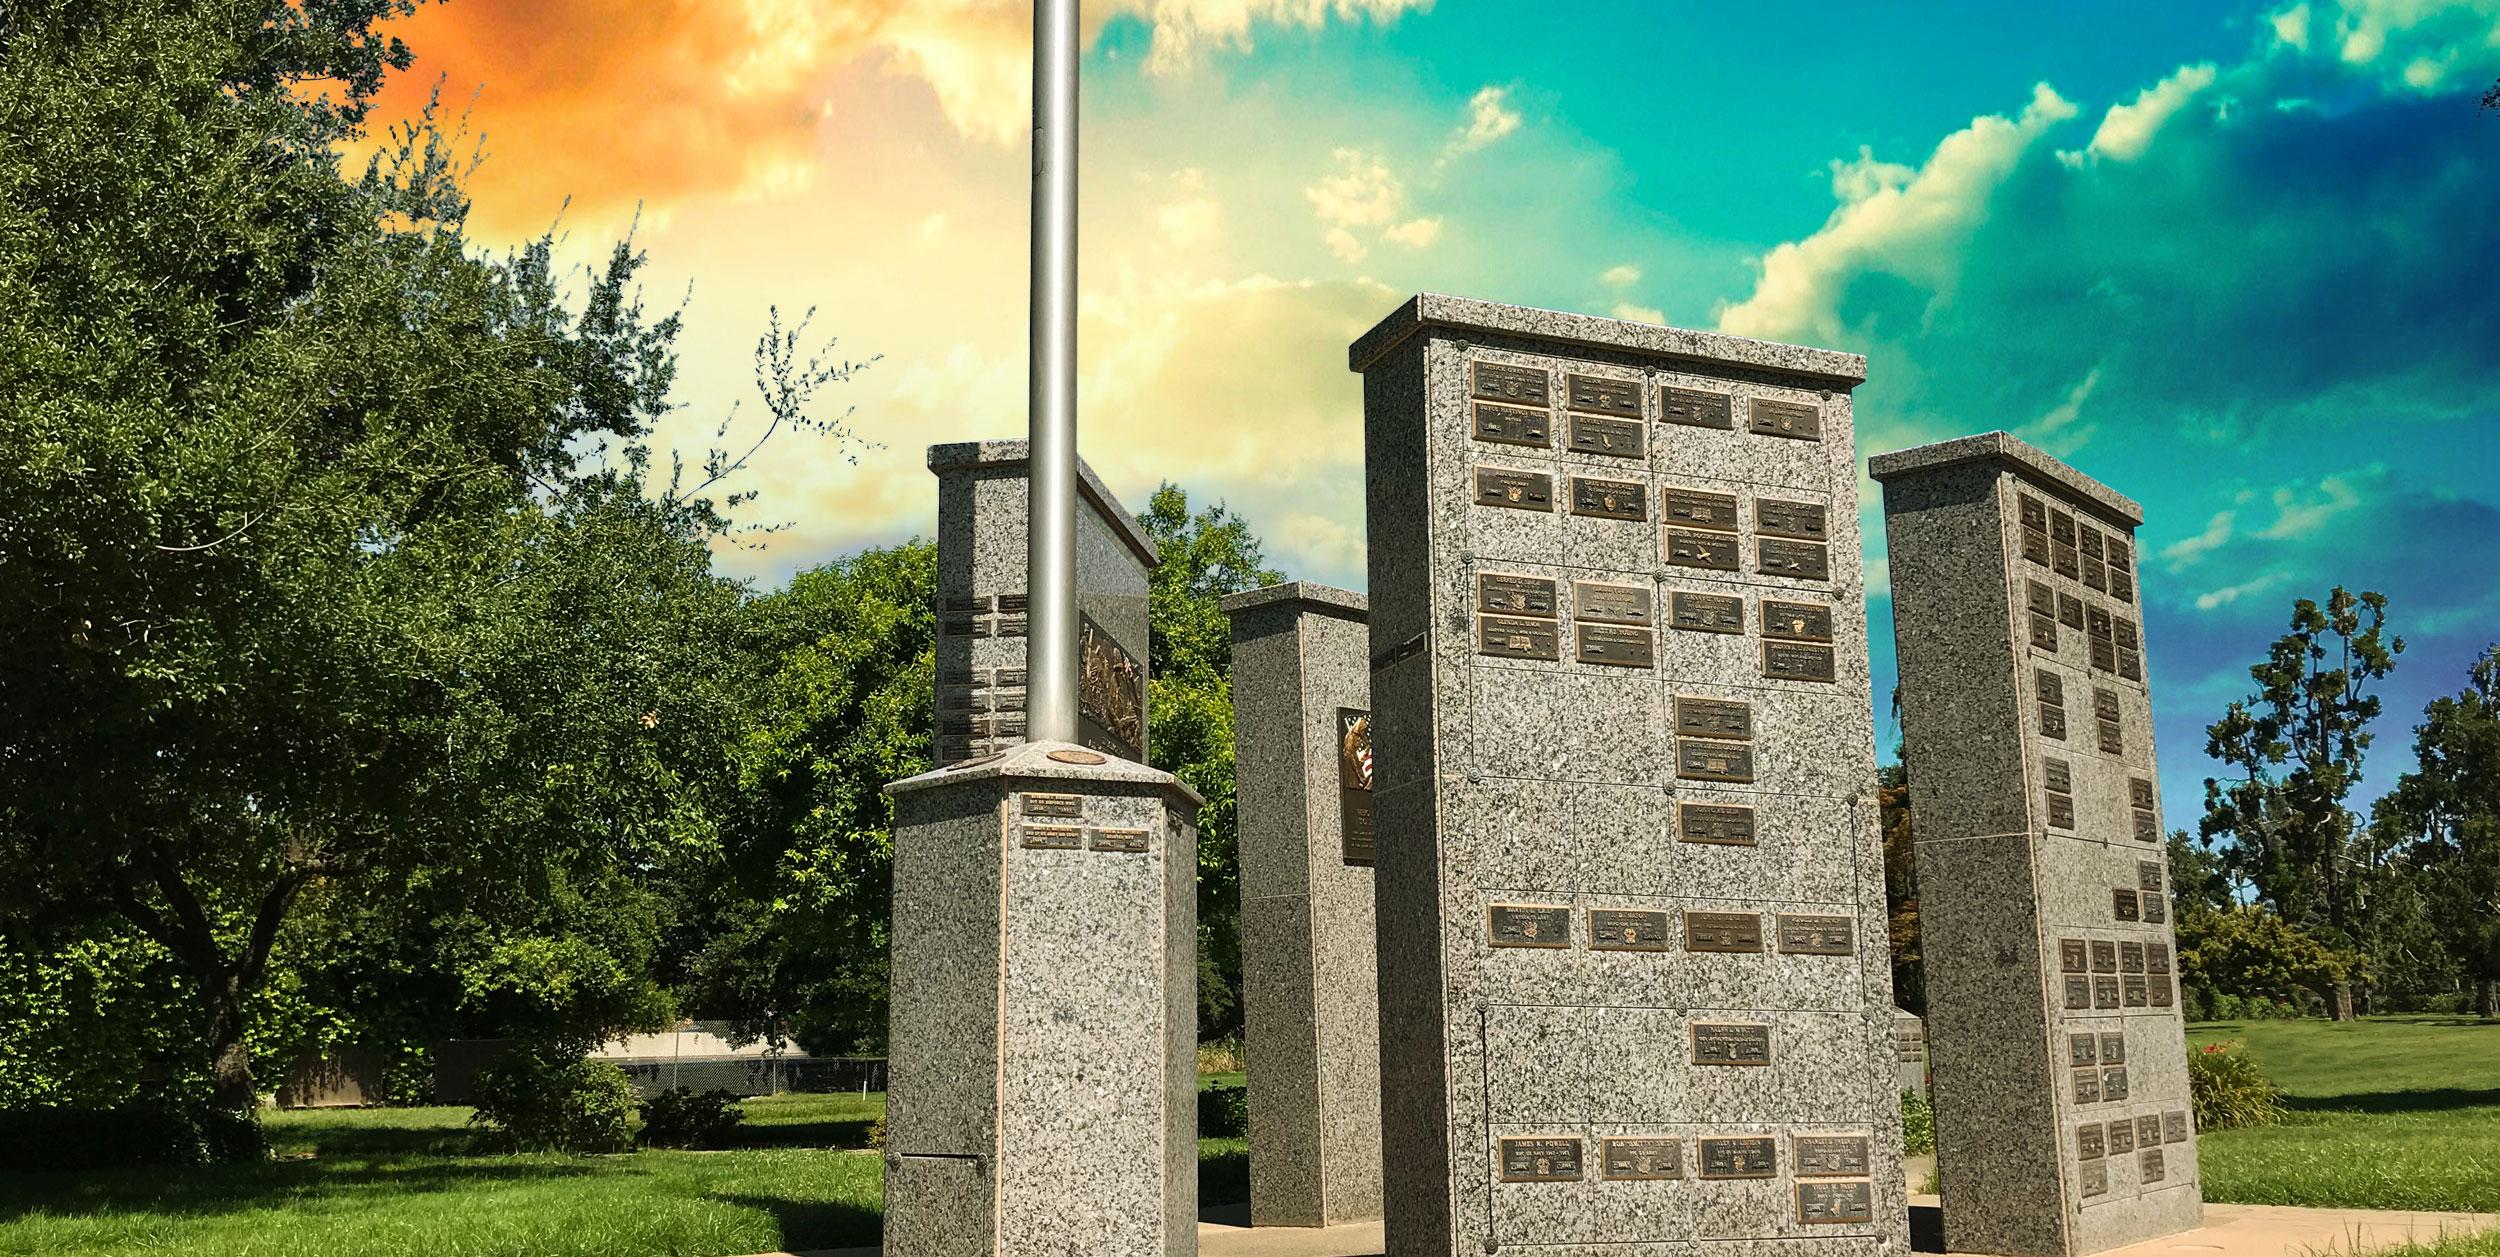 CherokeeMemorial_Banner_Cemetery6.jpg